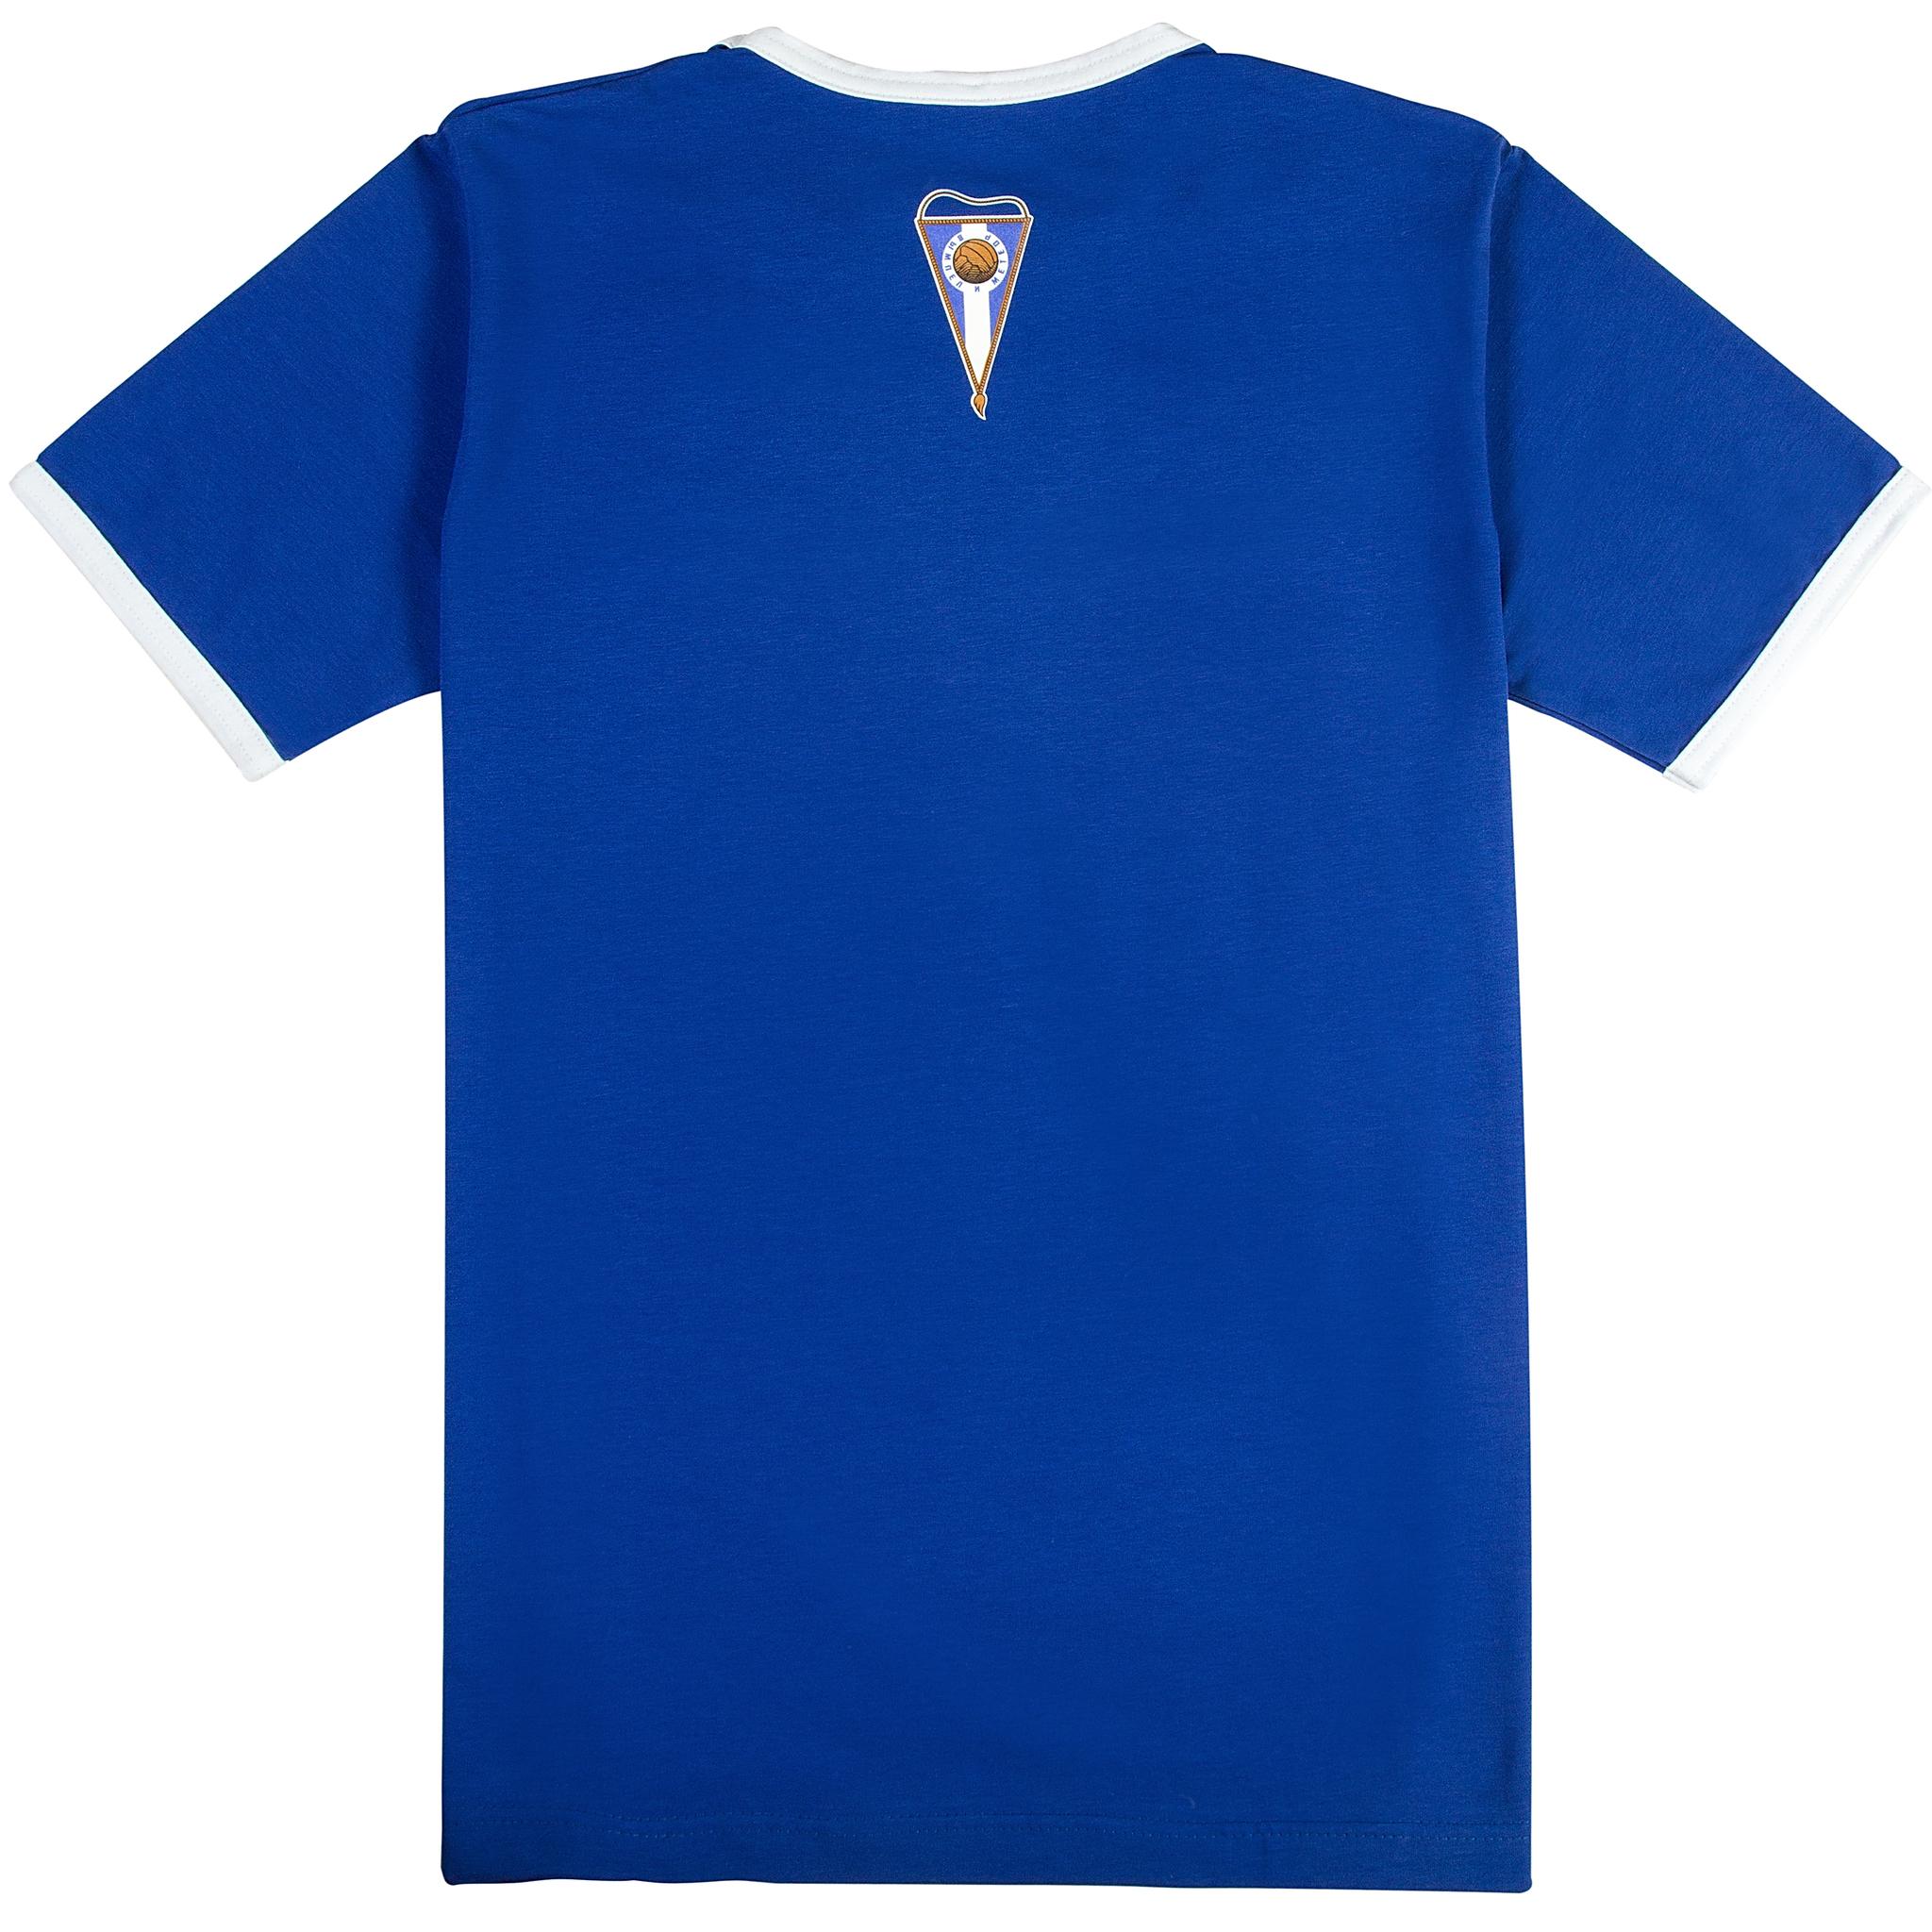 Футболка Лев Яшин синяя